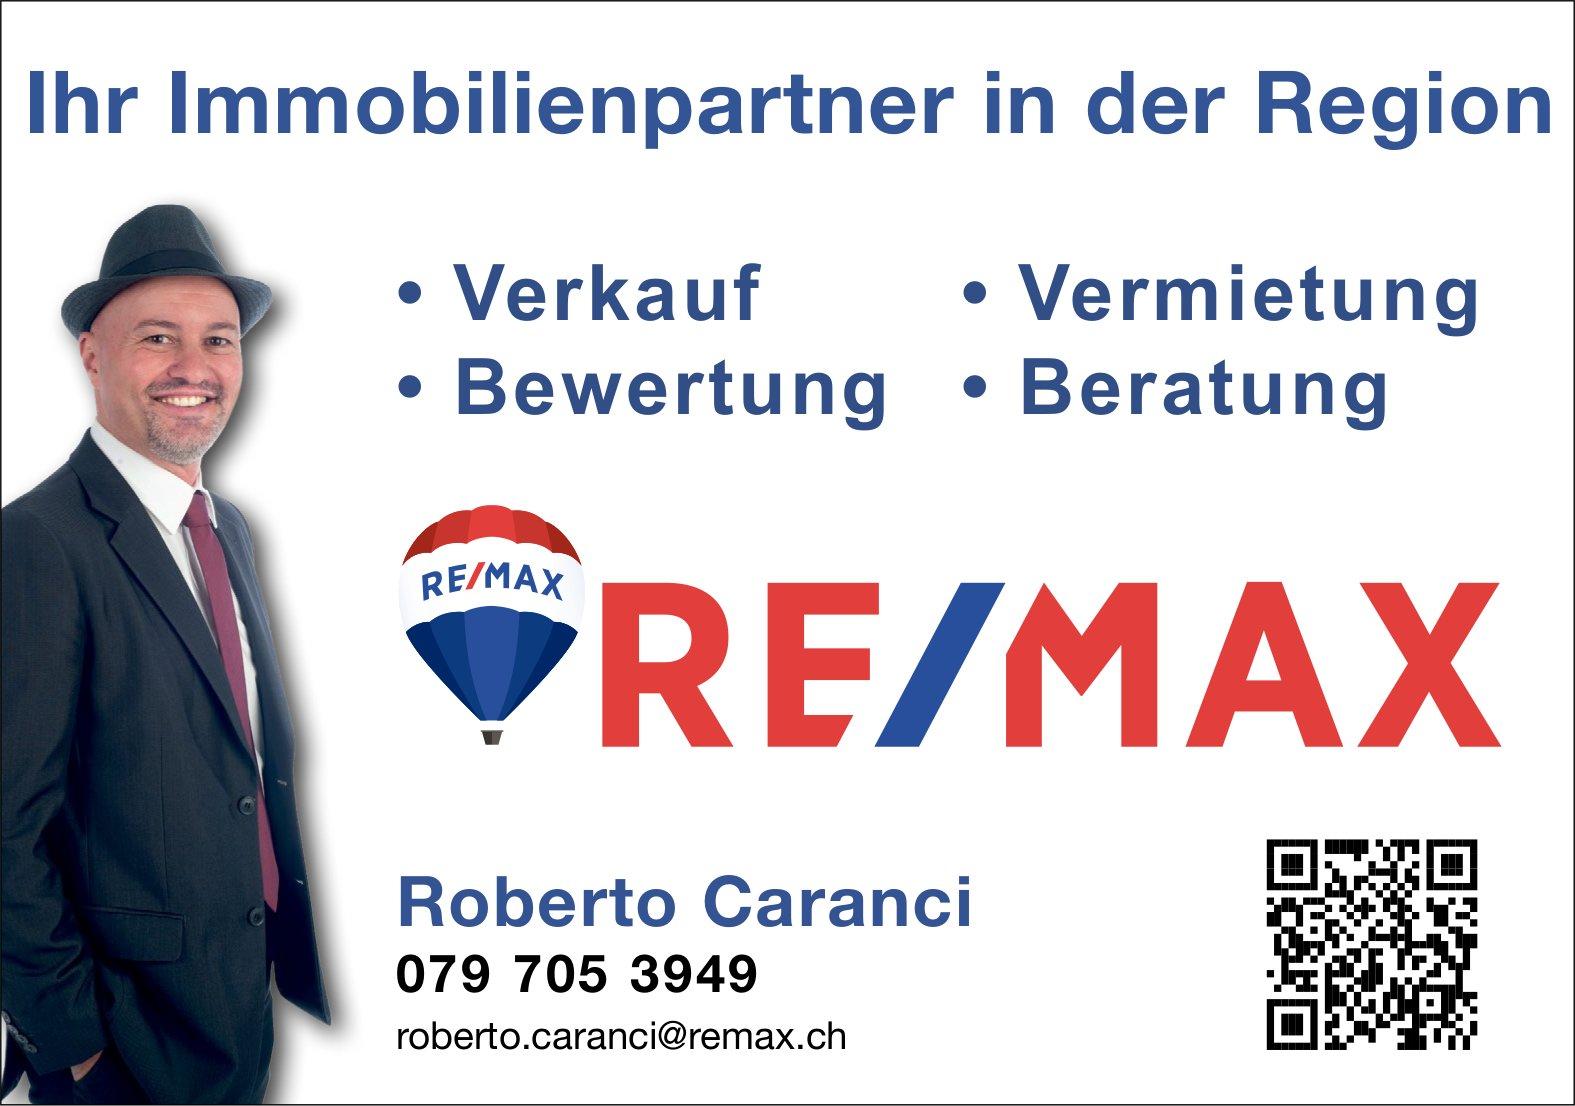 REMAX - Roberto Caranci, Ihr Immobilienpartner in der Region